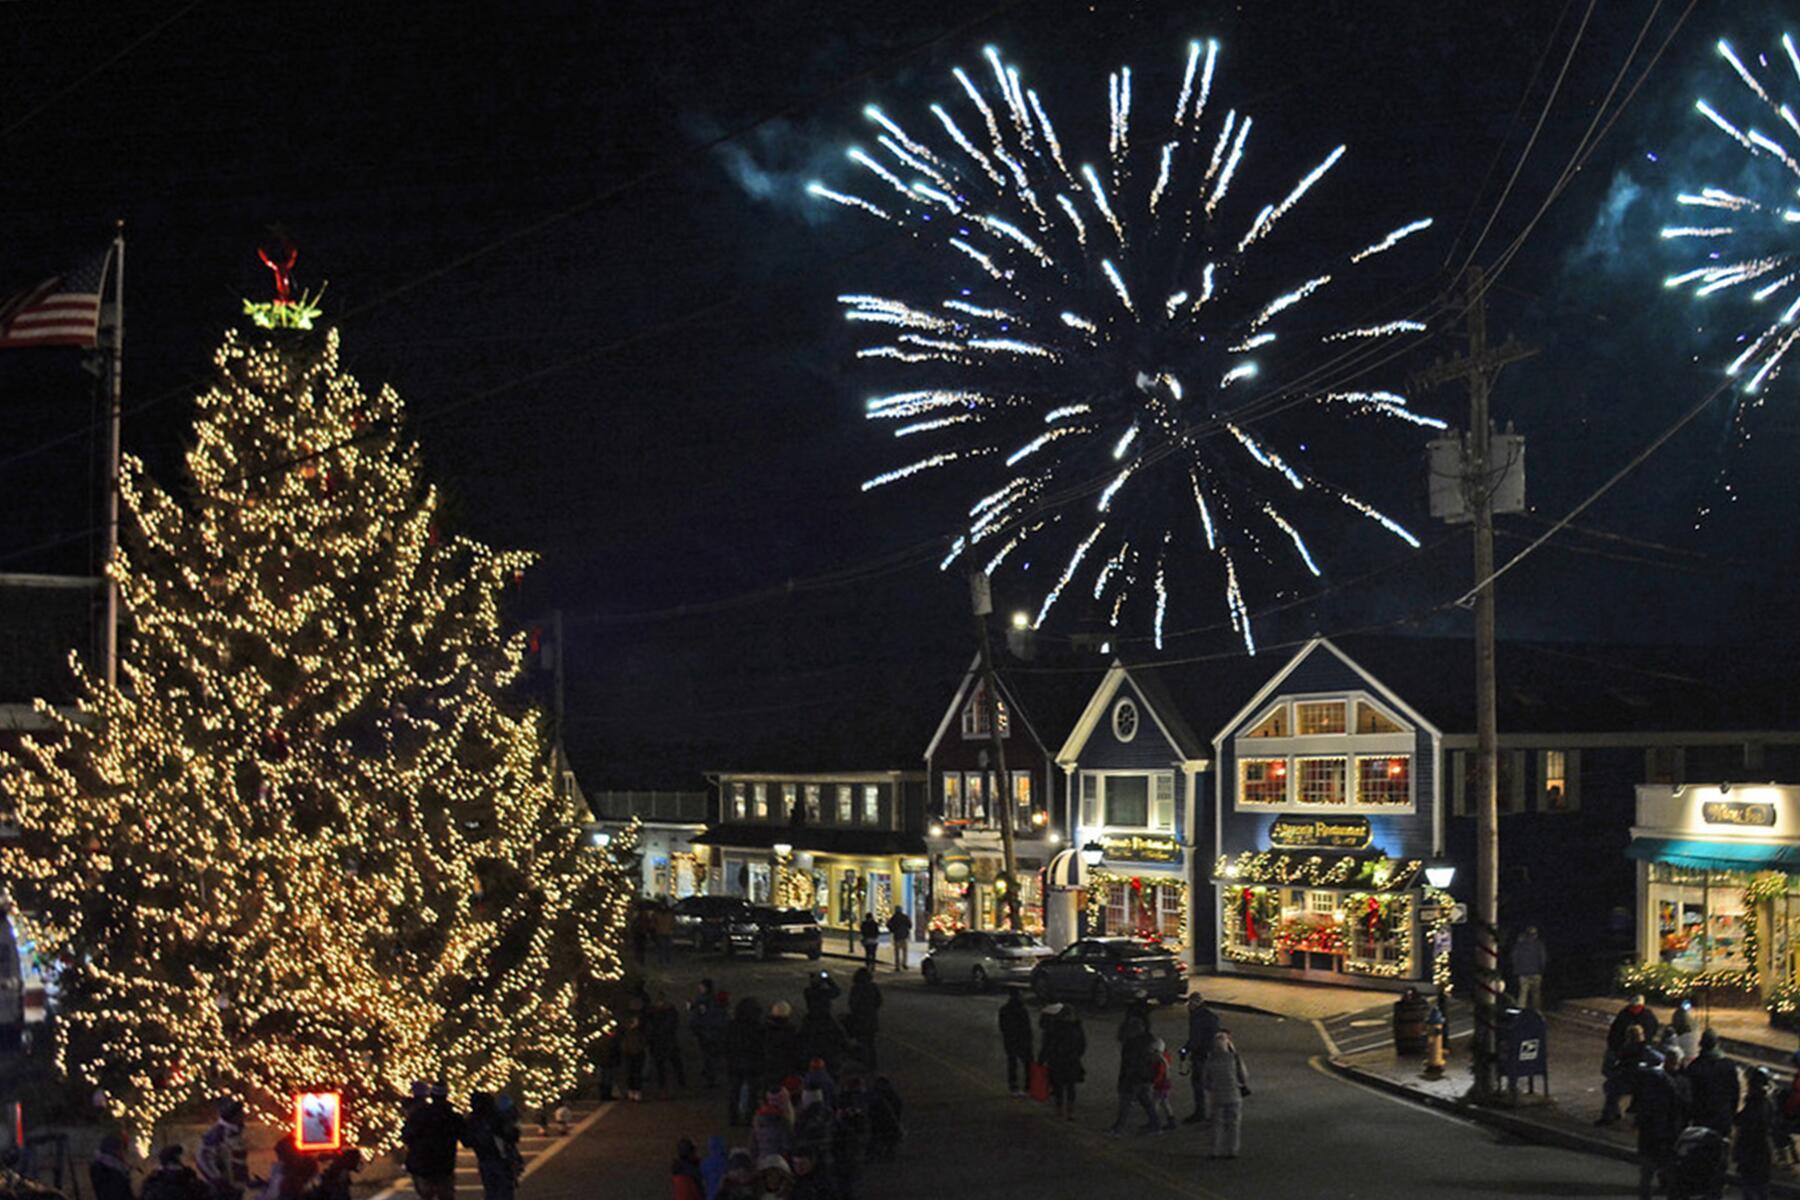 The Quaintest Christmas Villages Across the U.S.